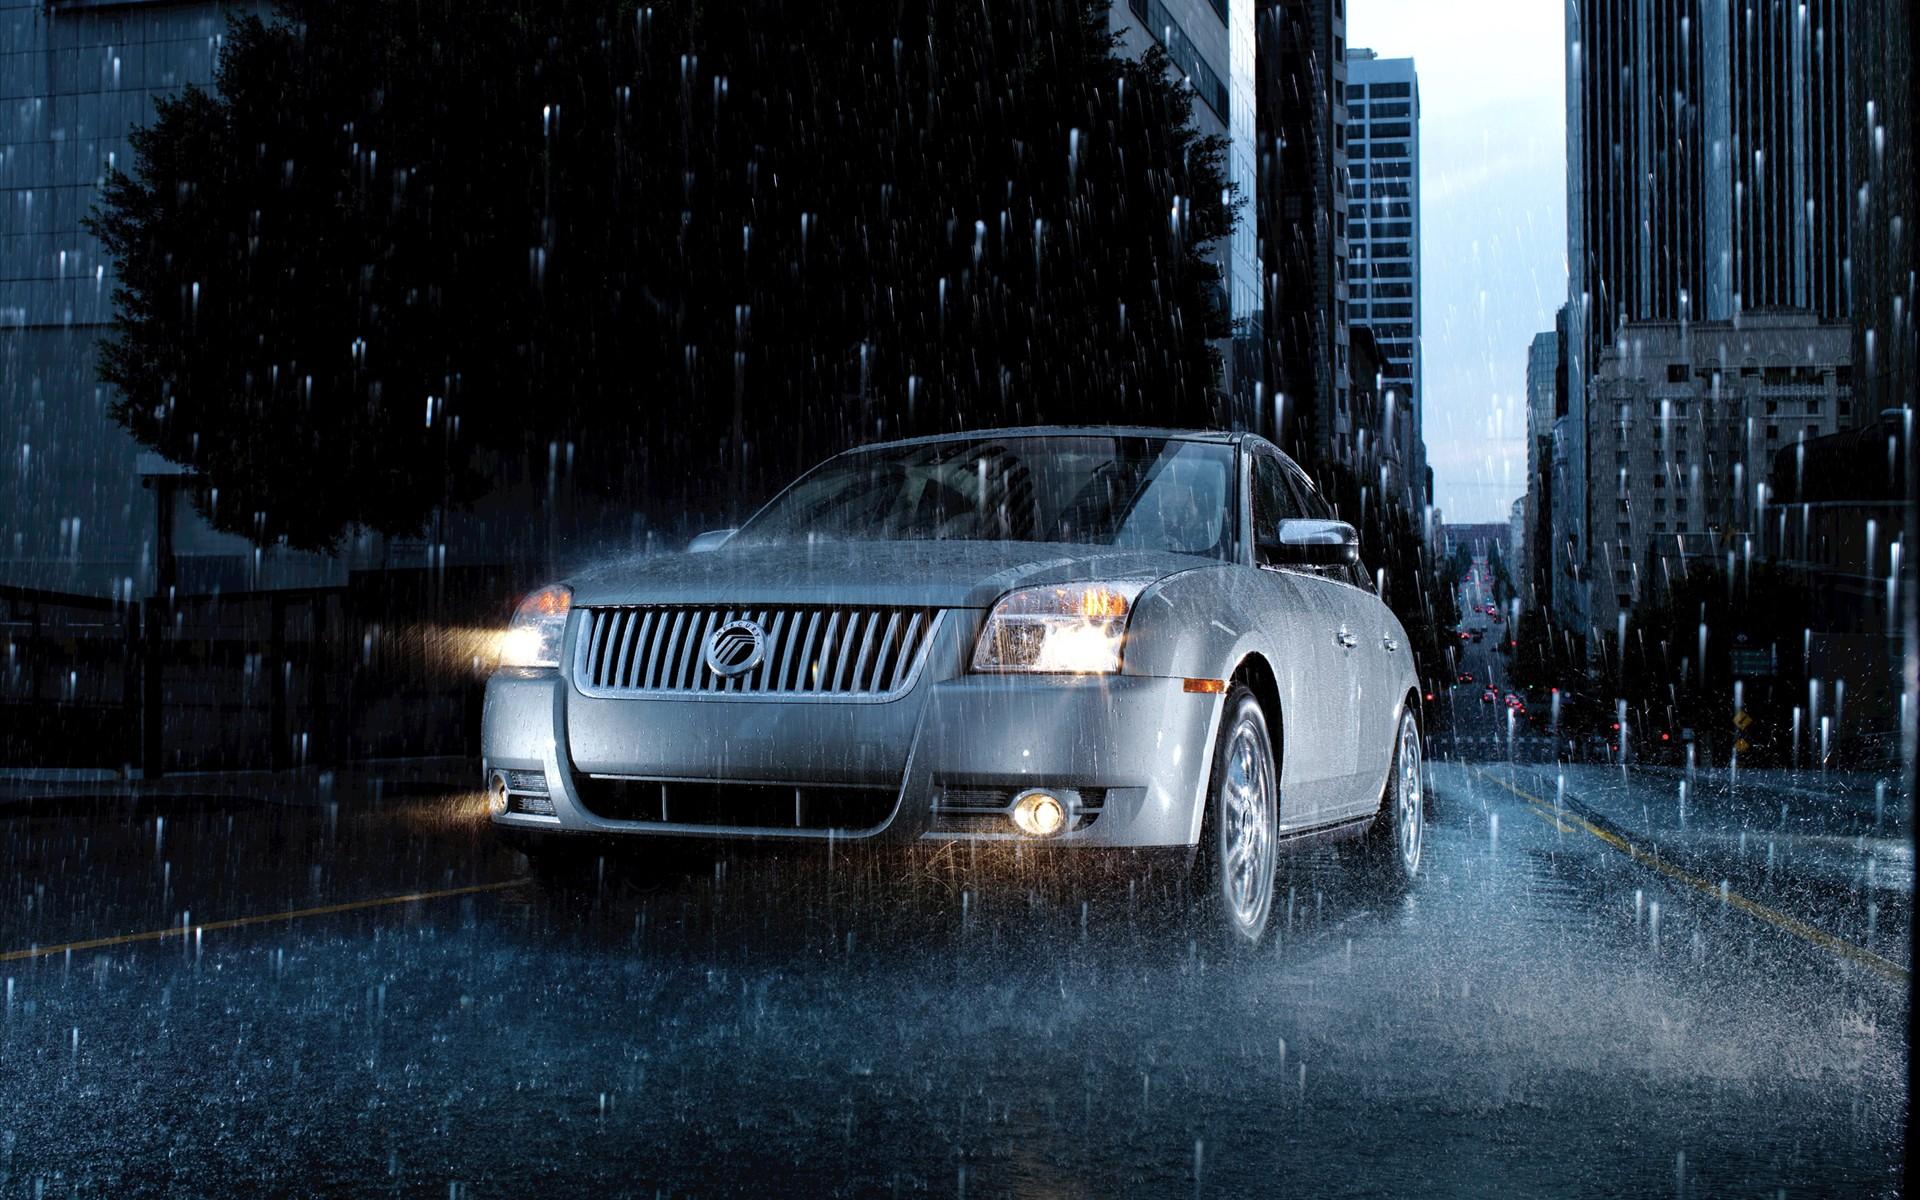 Auto en la lluvia